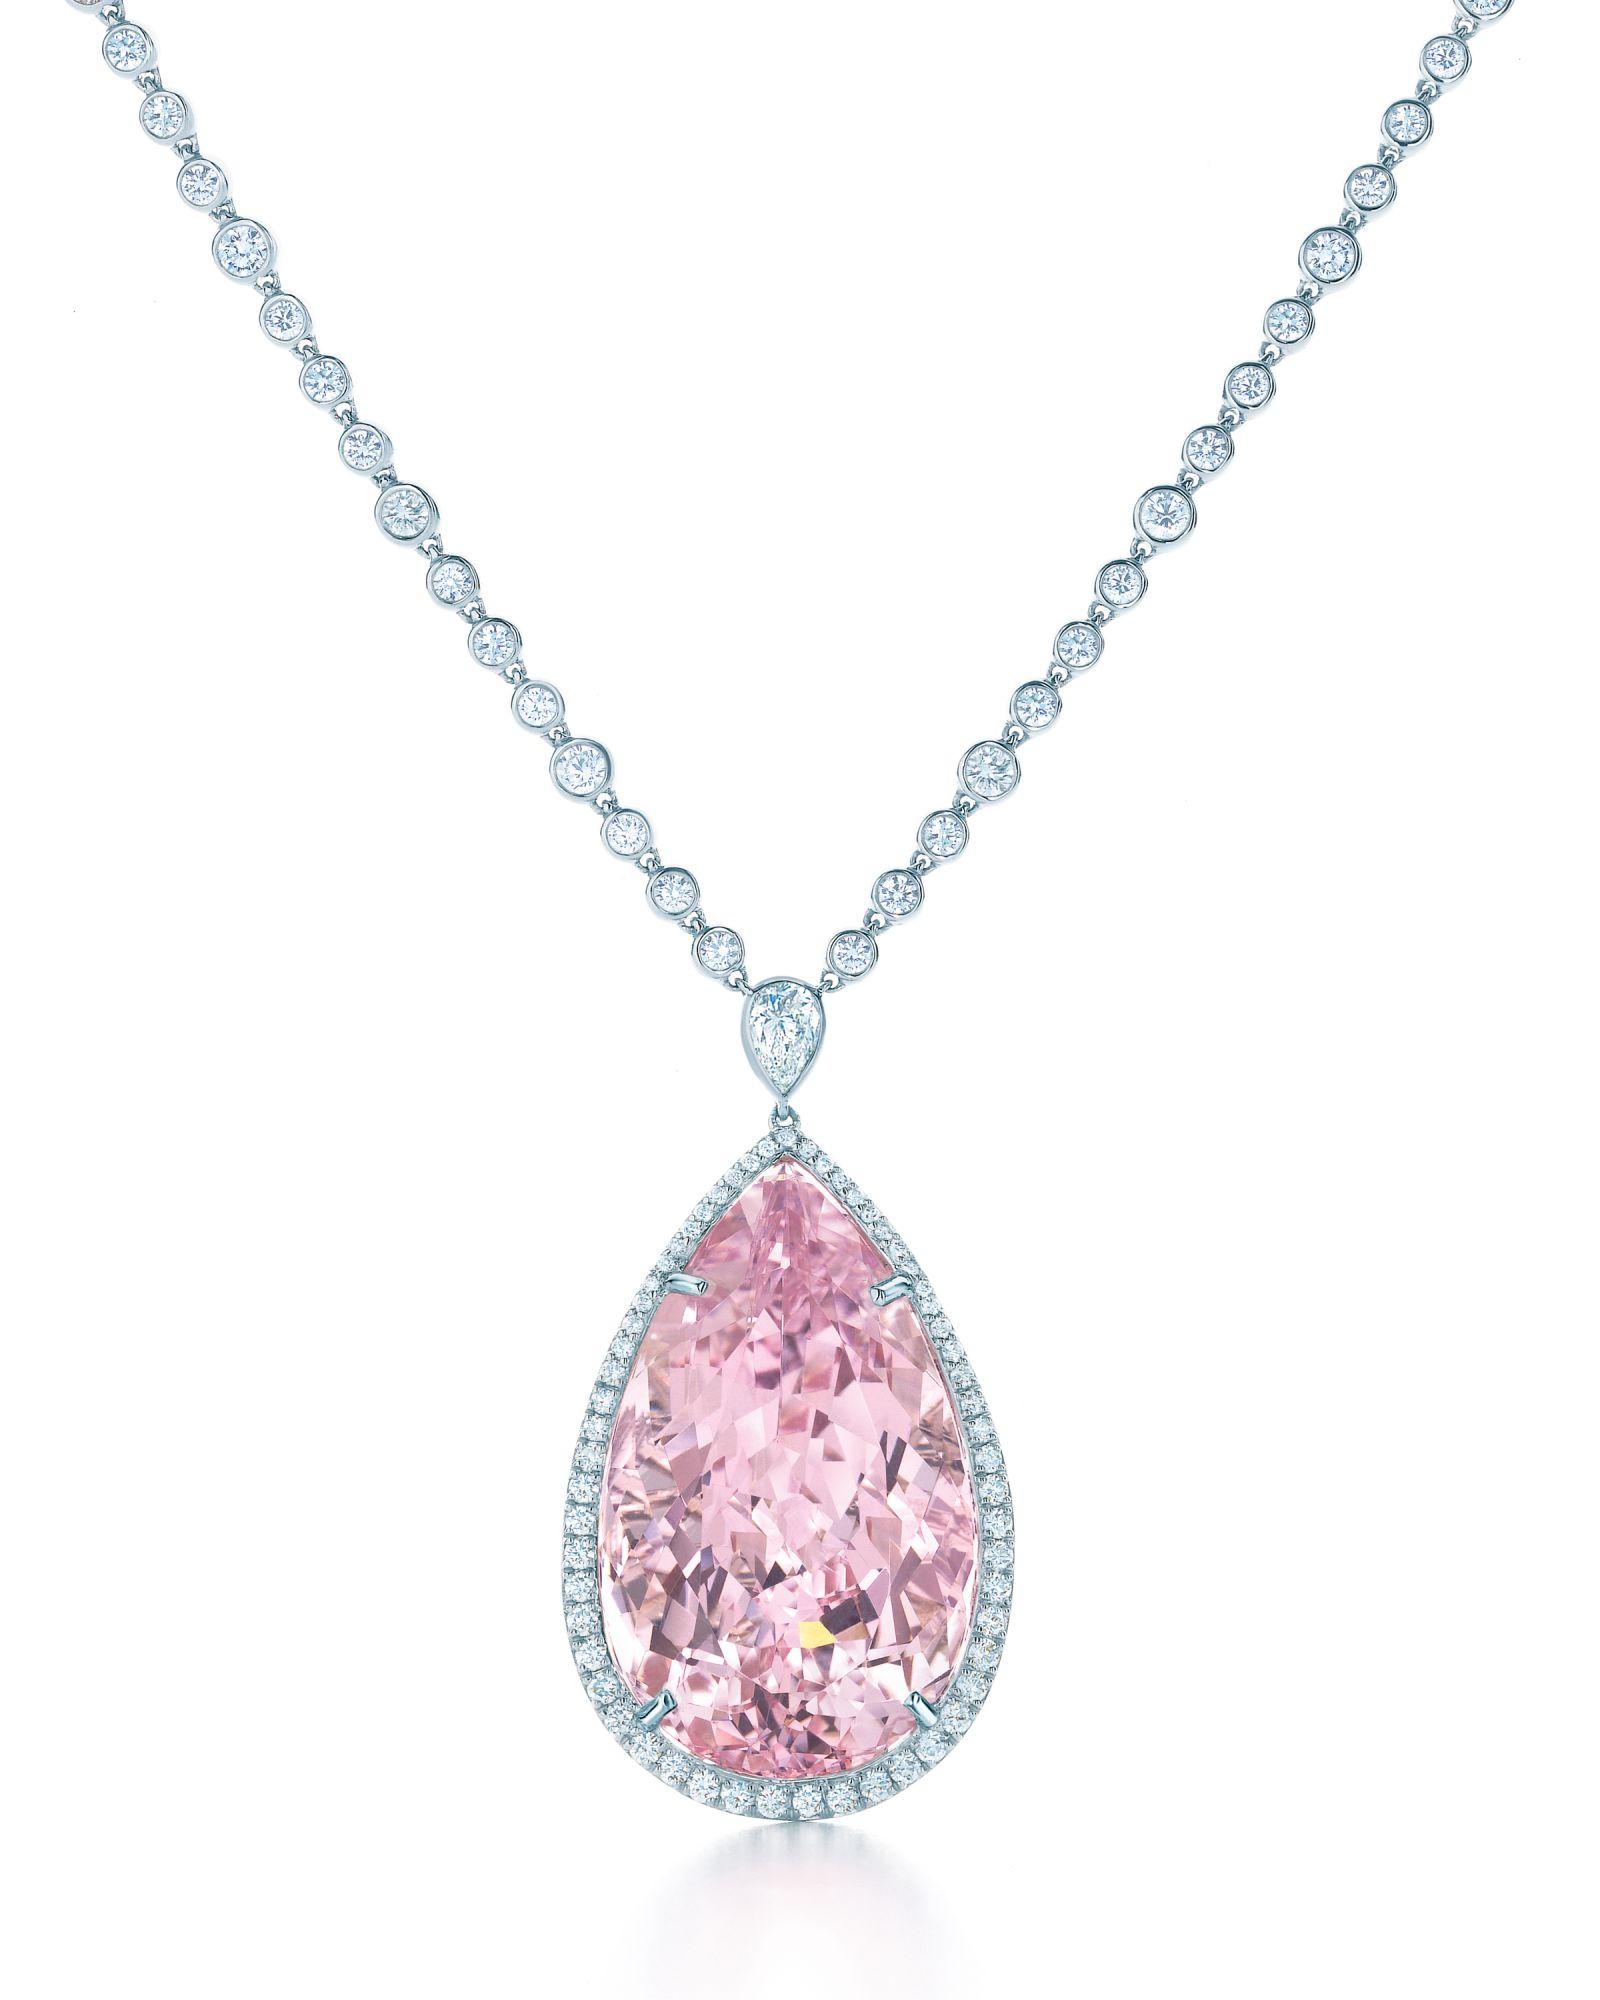 Tiffany 鉑金鑲嵌摩根石與鑽石項鍊 by Tiffany & Co.。